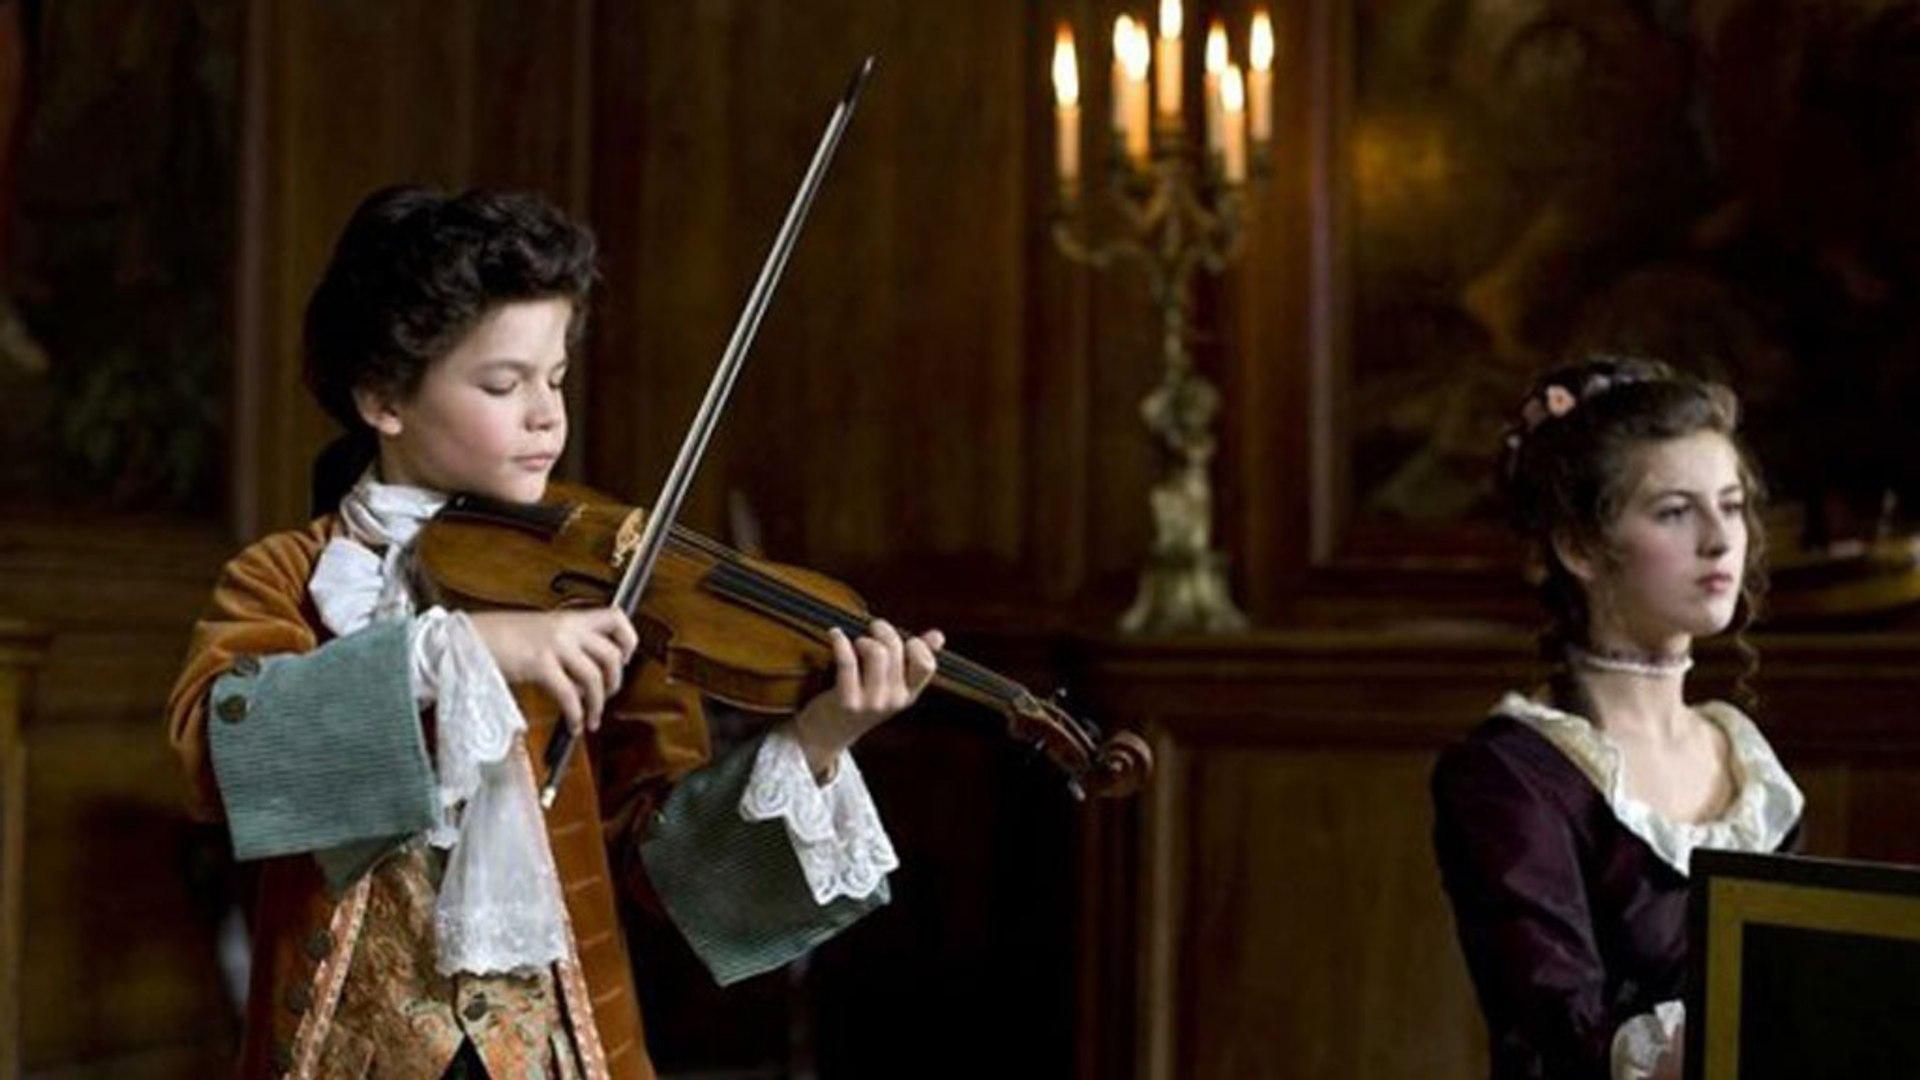 Bande-annonce : Narnnel, la soeur de Mozart - Vidéo Dailymotion